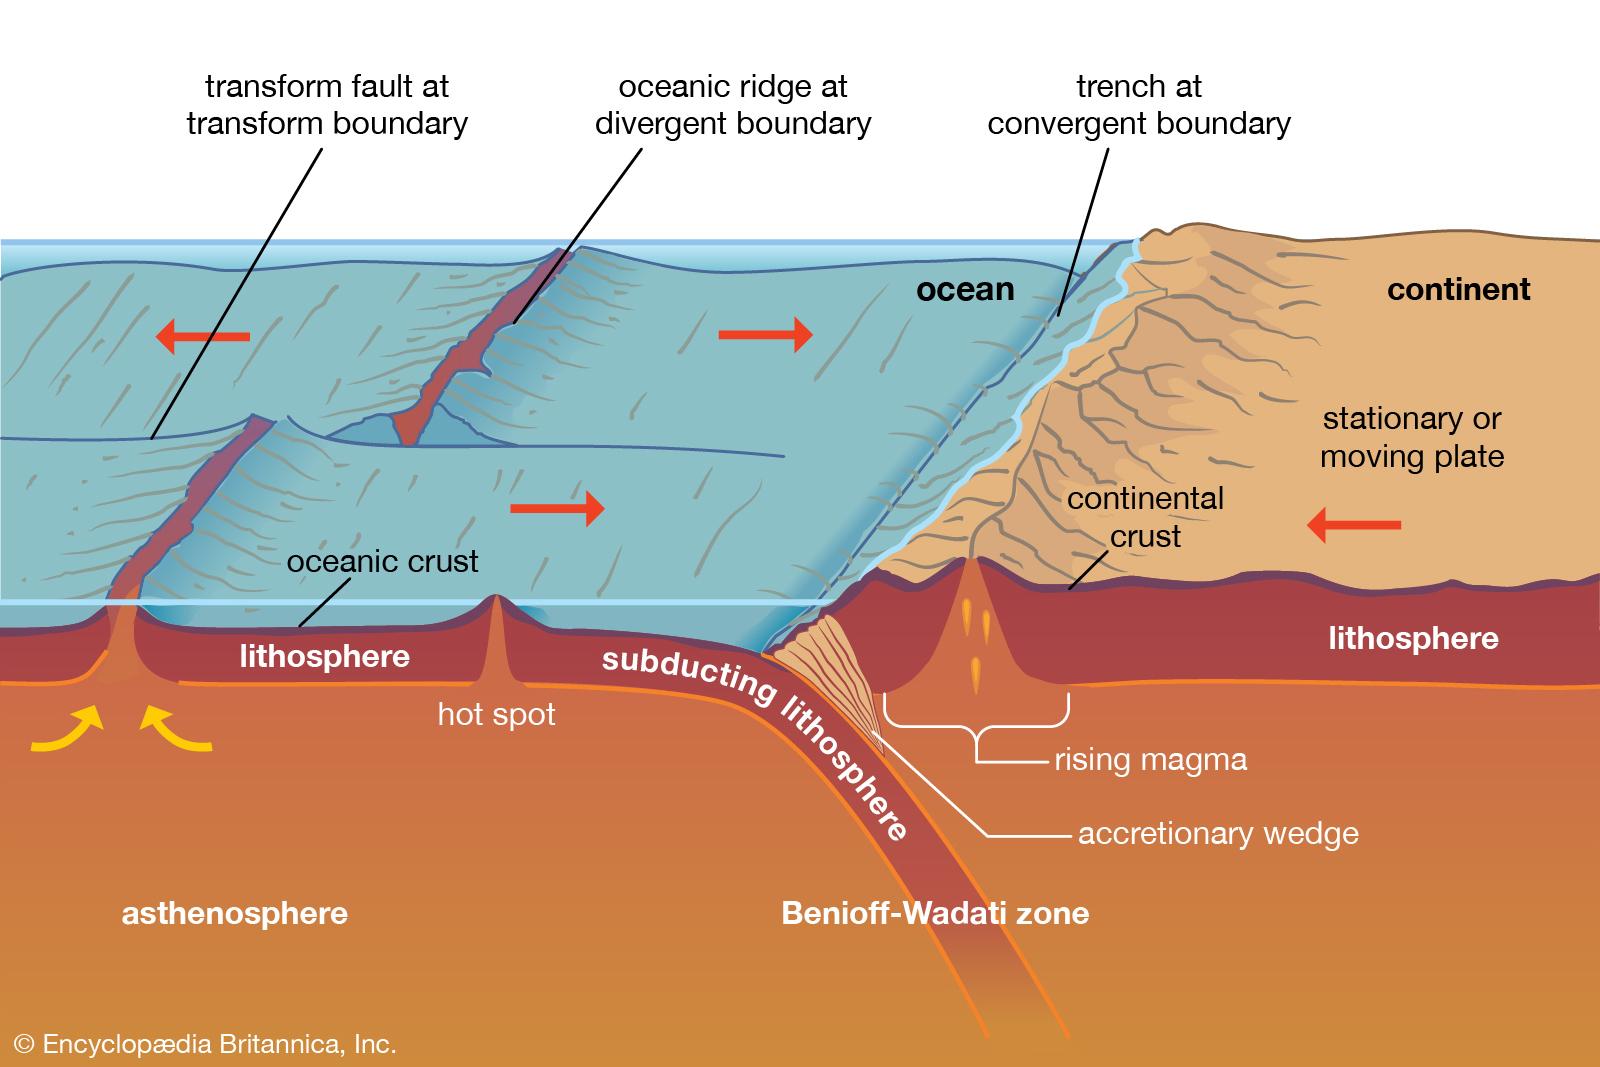 Levhaların litosferdeki subdiksiyon (batma/dalma) hareketini gösteren bir infografik.